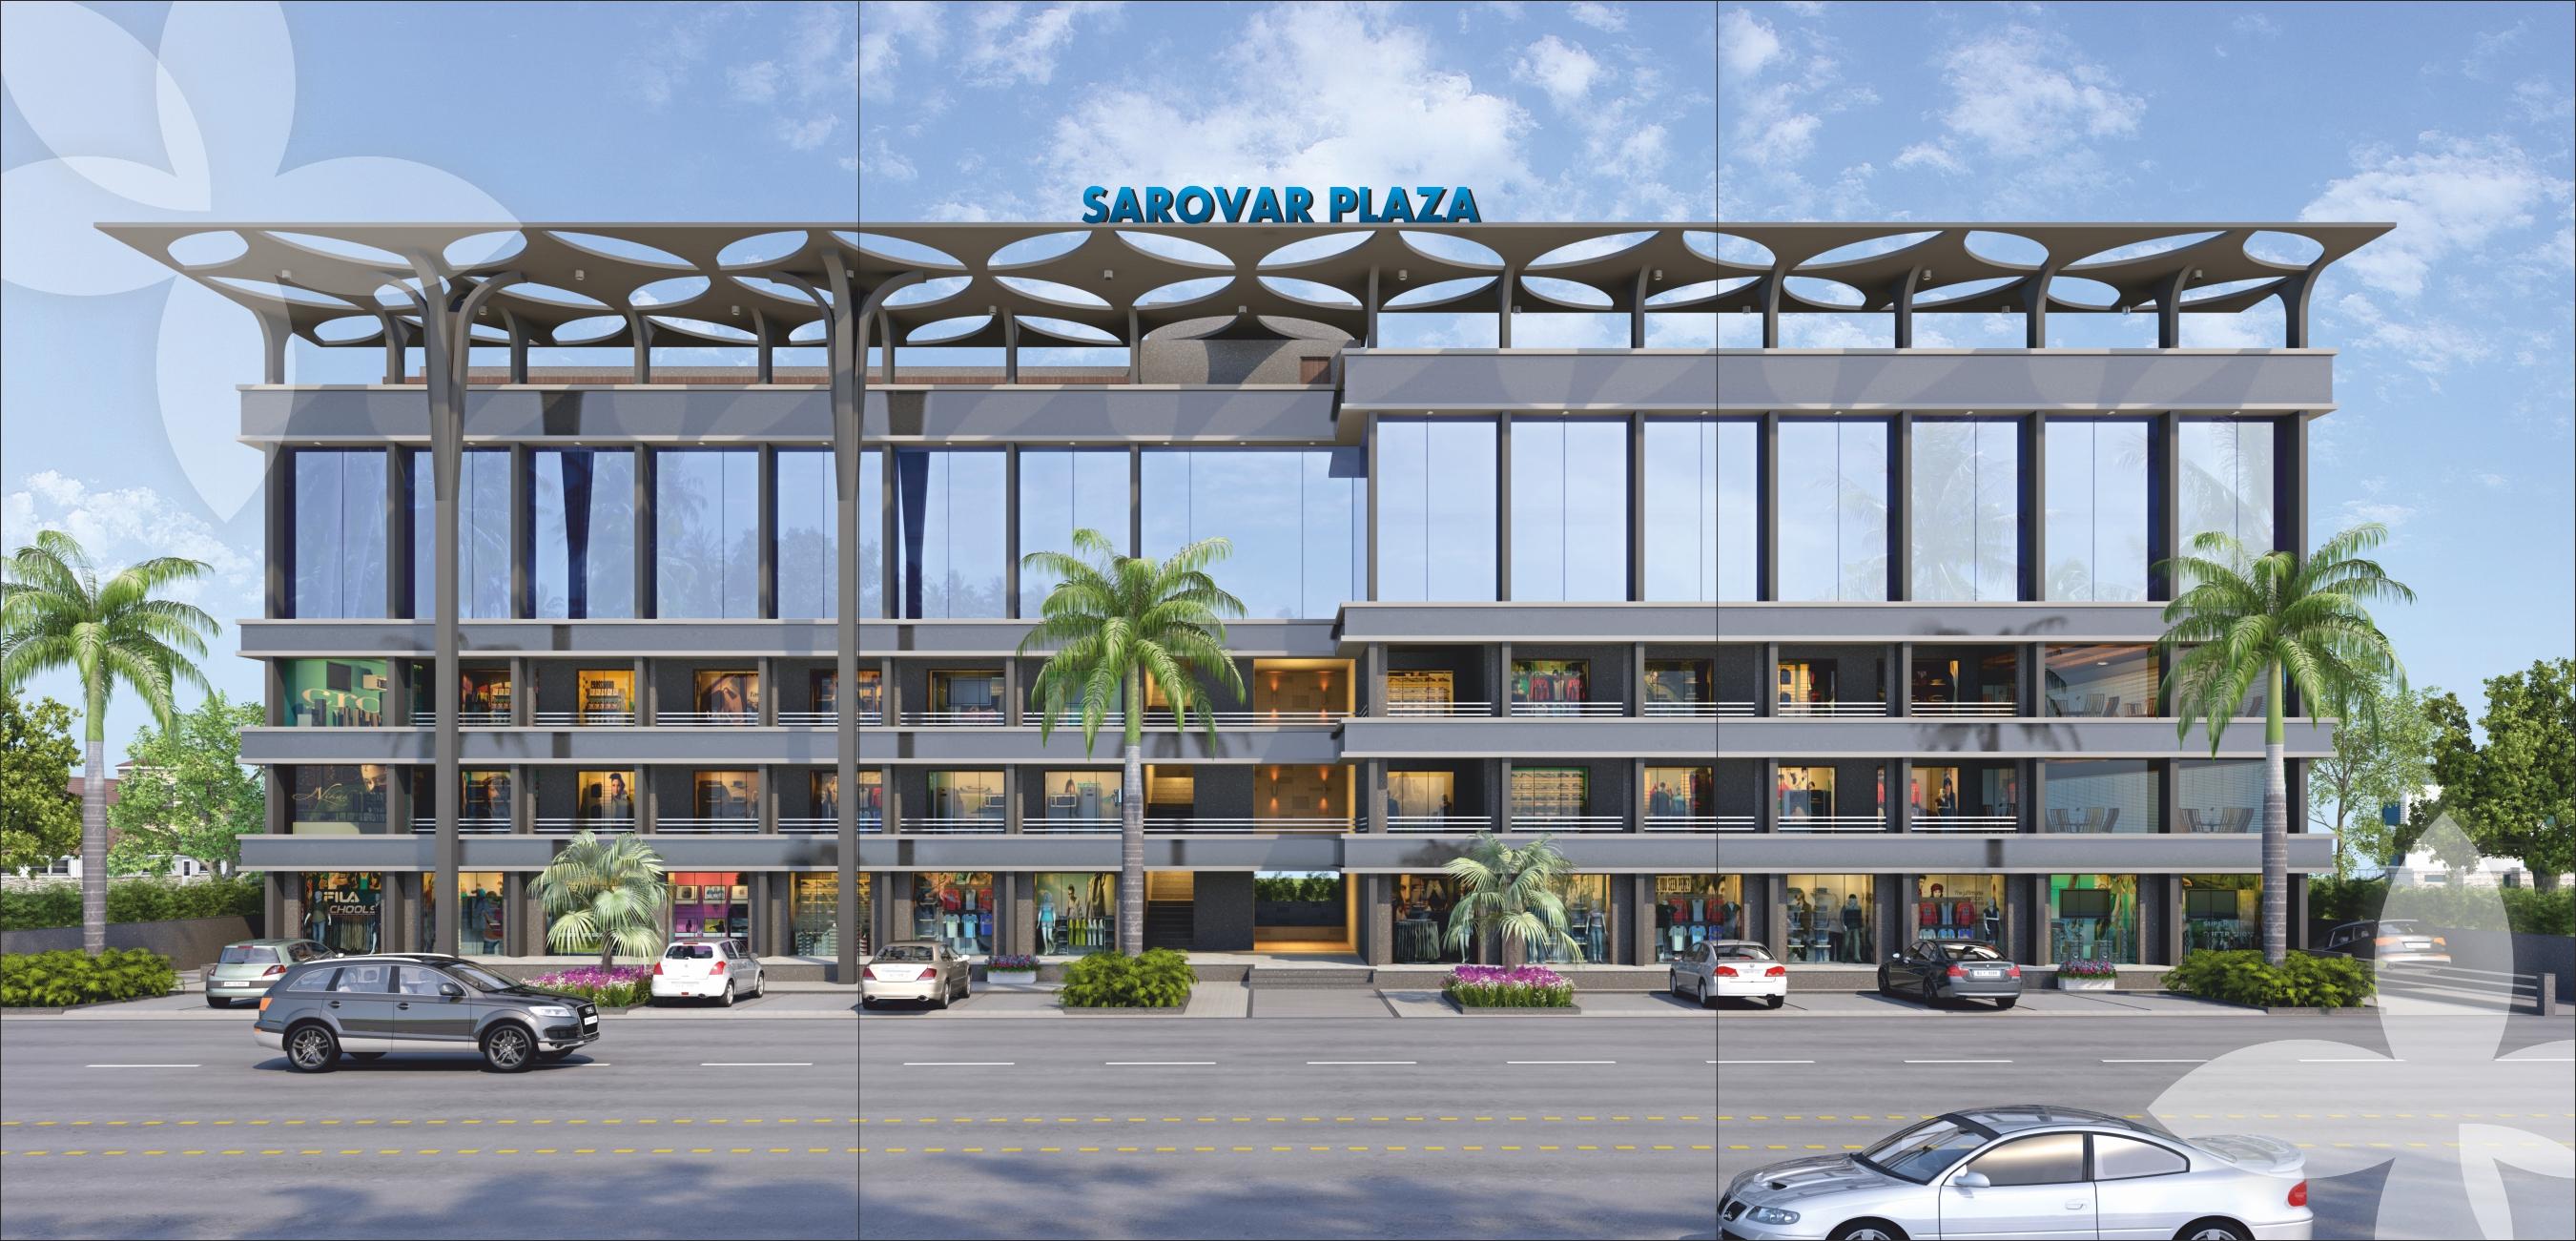 Sarovar Plaza